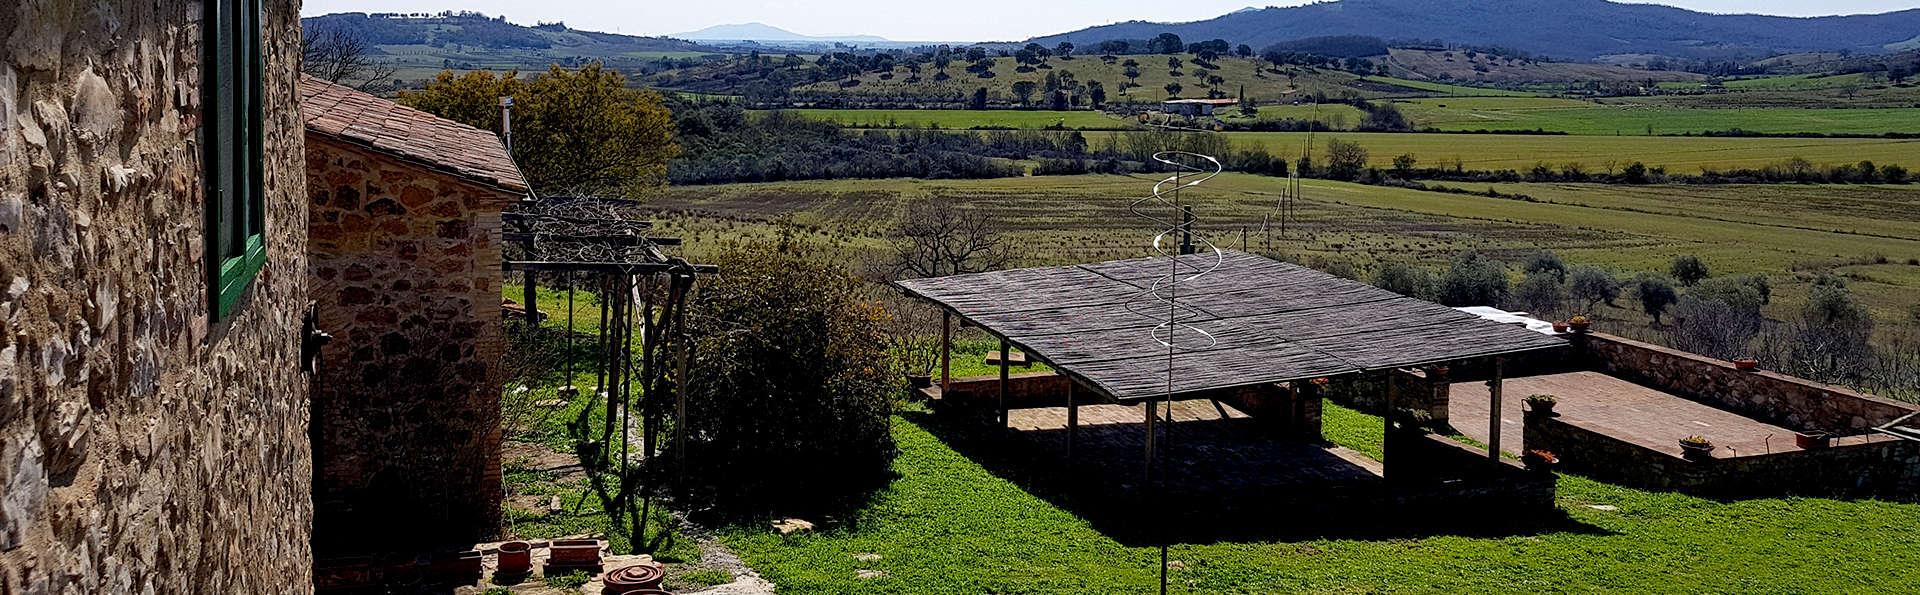 Dégustation de vin et huile au cœur de la Toscane